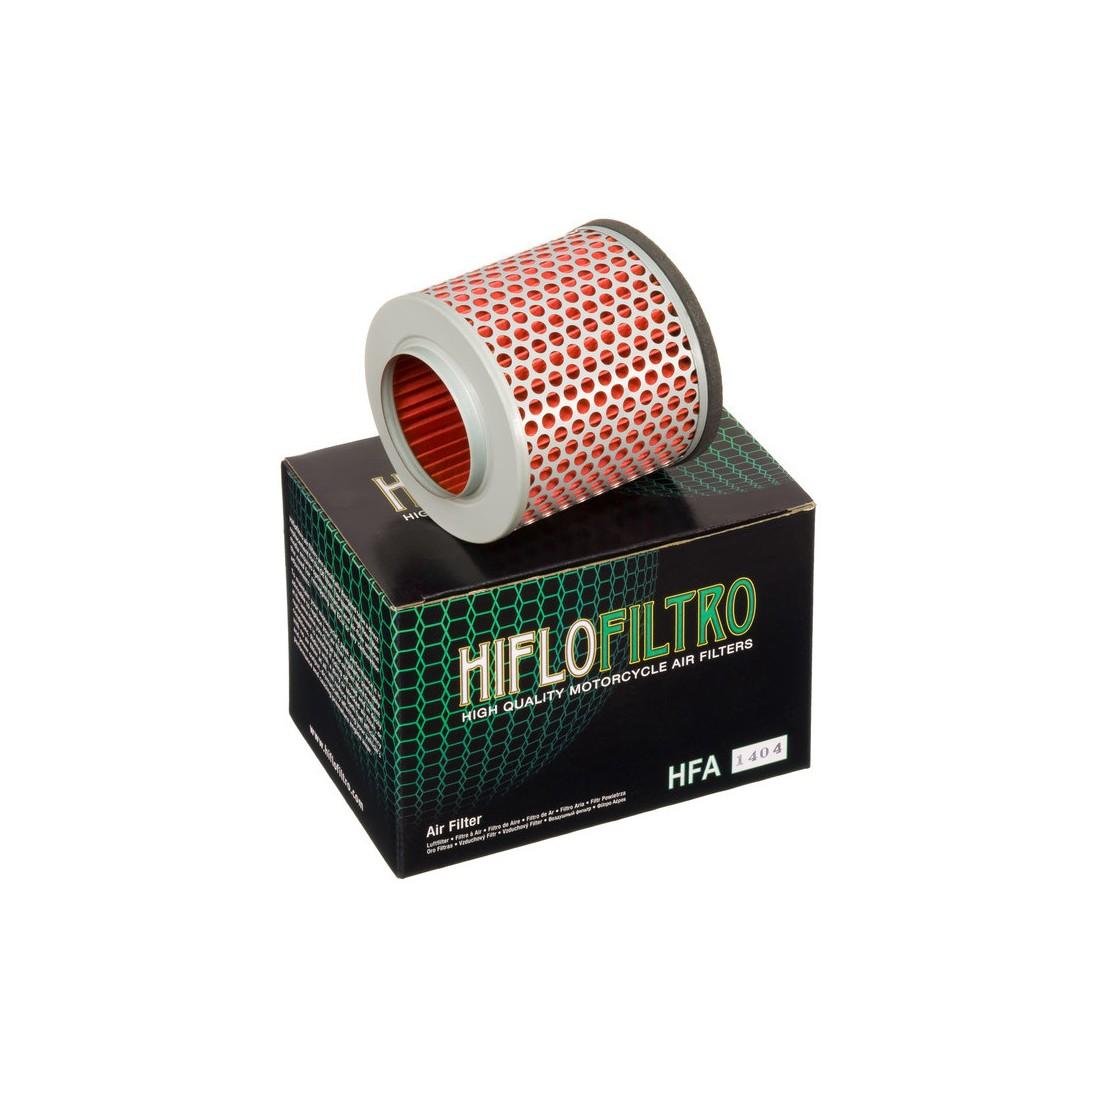 Filtro Aire Hiflofiltro HFA1404